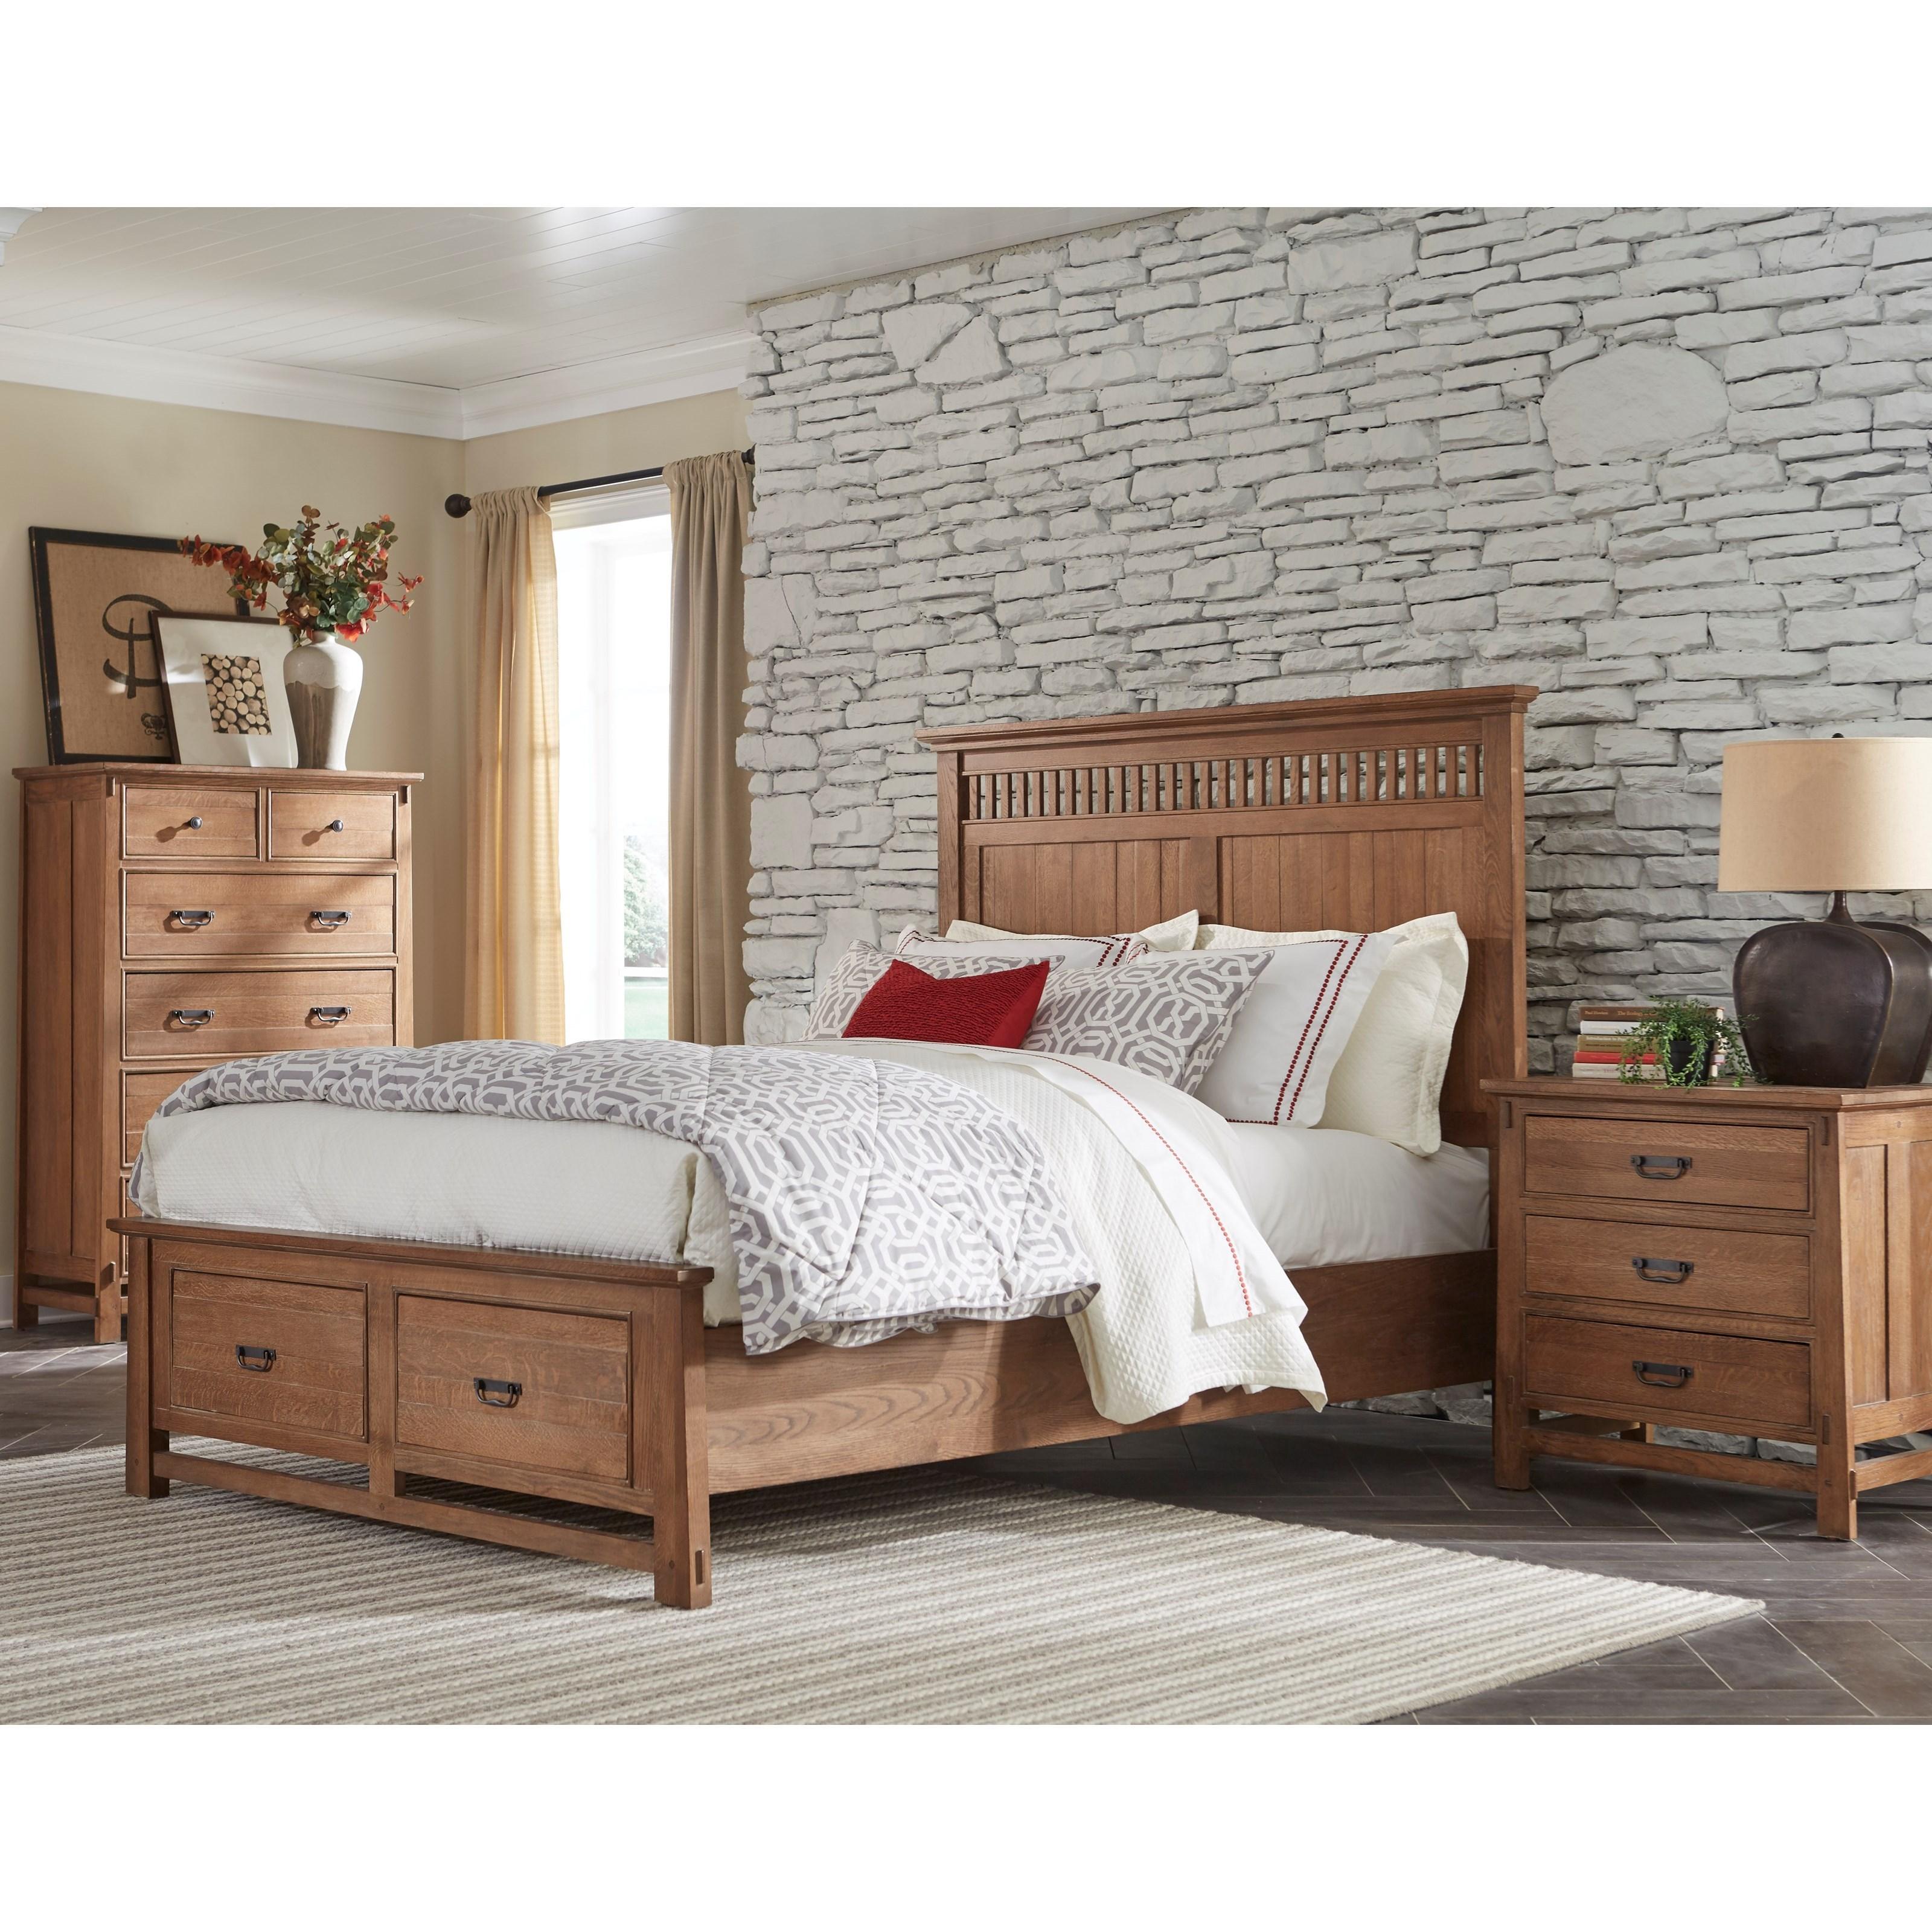 Cresent Fine Furniture Camden King Bedroom Group 3 - Item Number: 202 K Bedroom Group 3